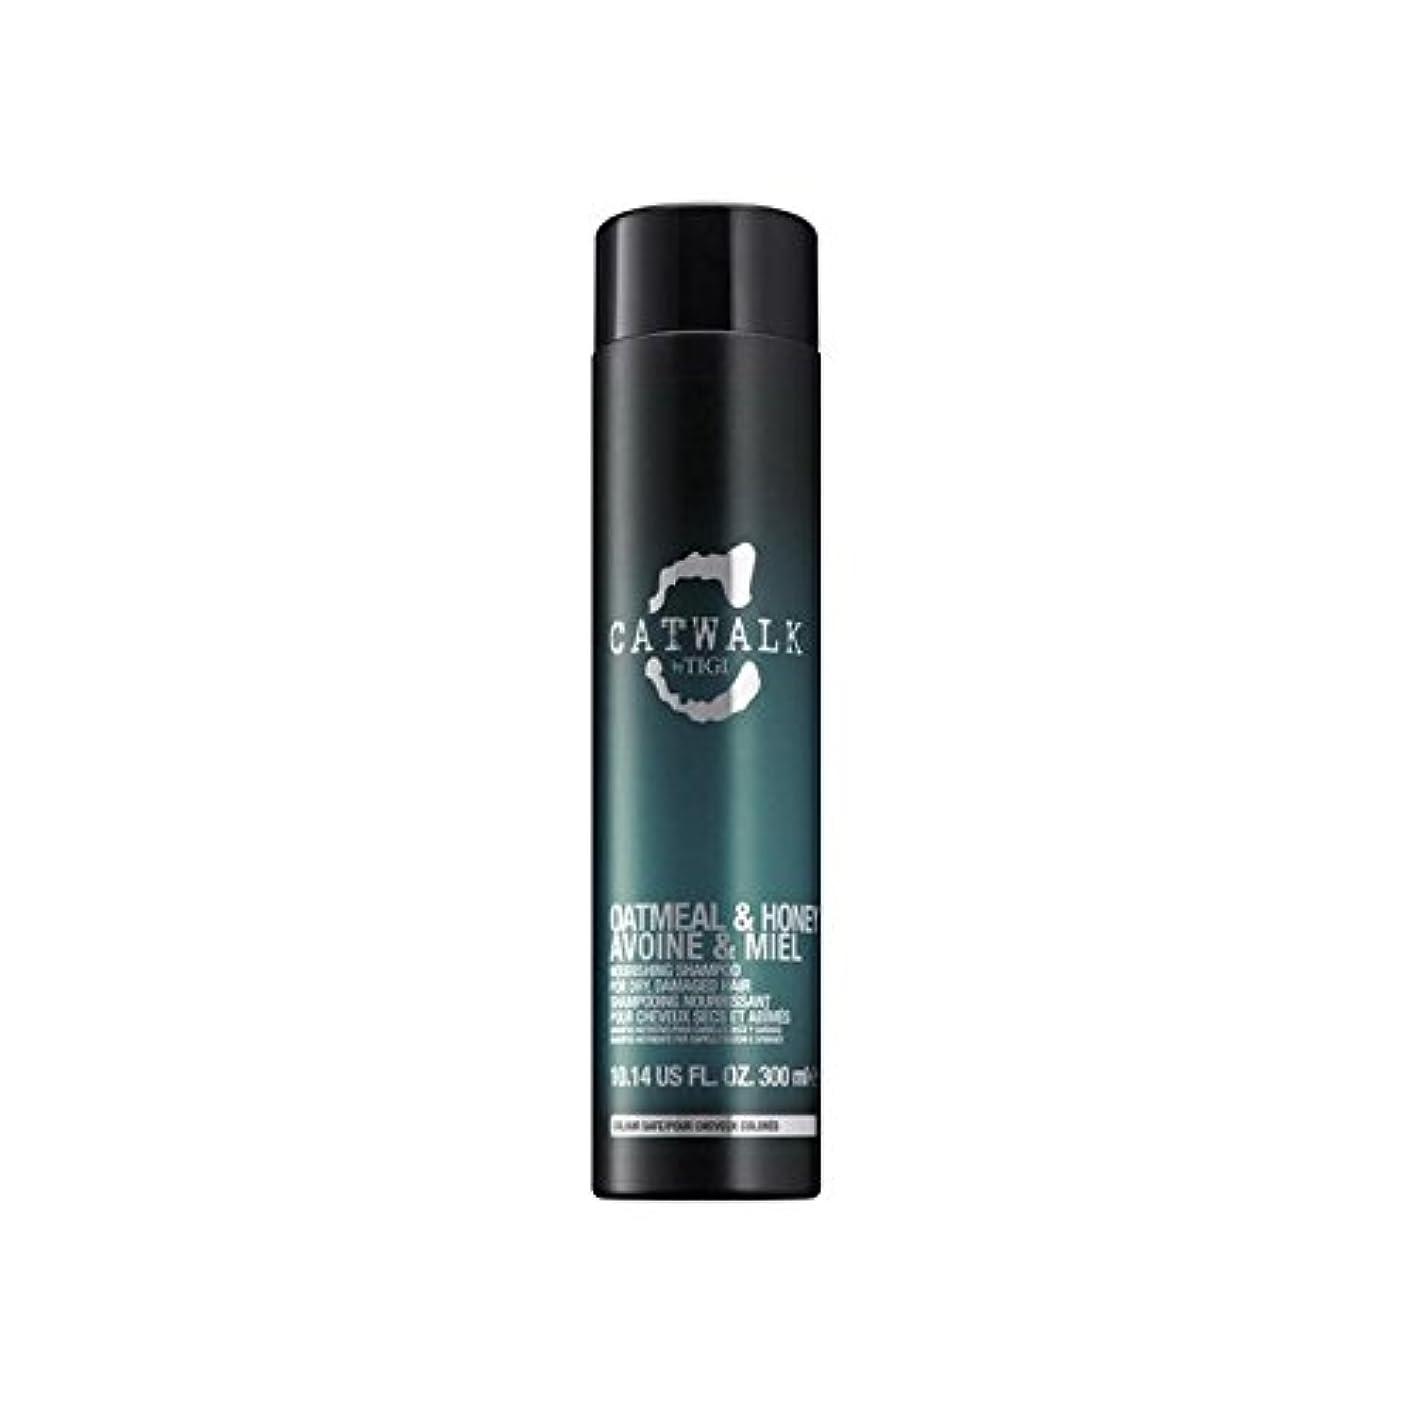 深める妨げるデコードするティジーキャットウォークオートミール&ハニー栄養シャンプー(300ミリリットル) x2 - Tigi Catwalk Oatmeal & Honey Nourishing Shampoo (300ml) (Pack of 2) [並行輸入品]